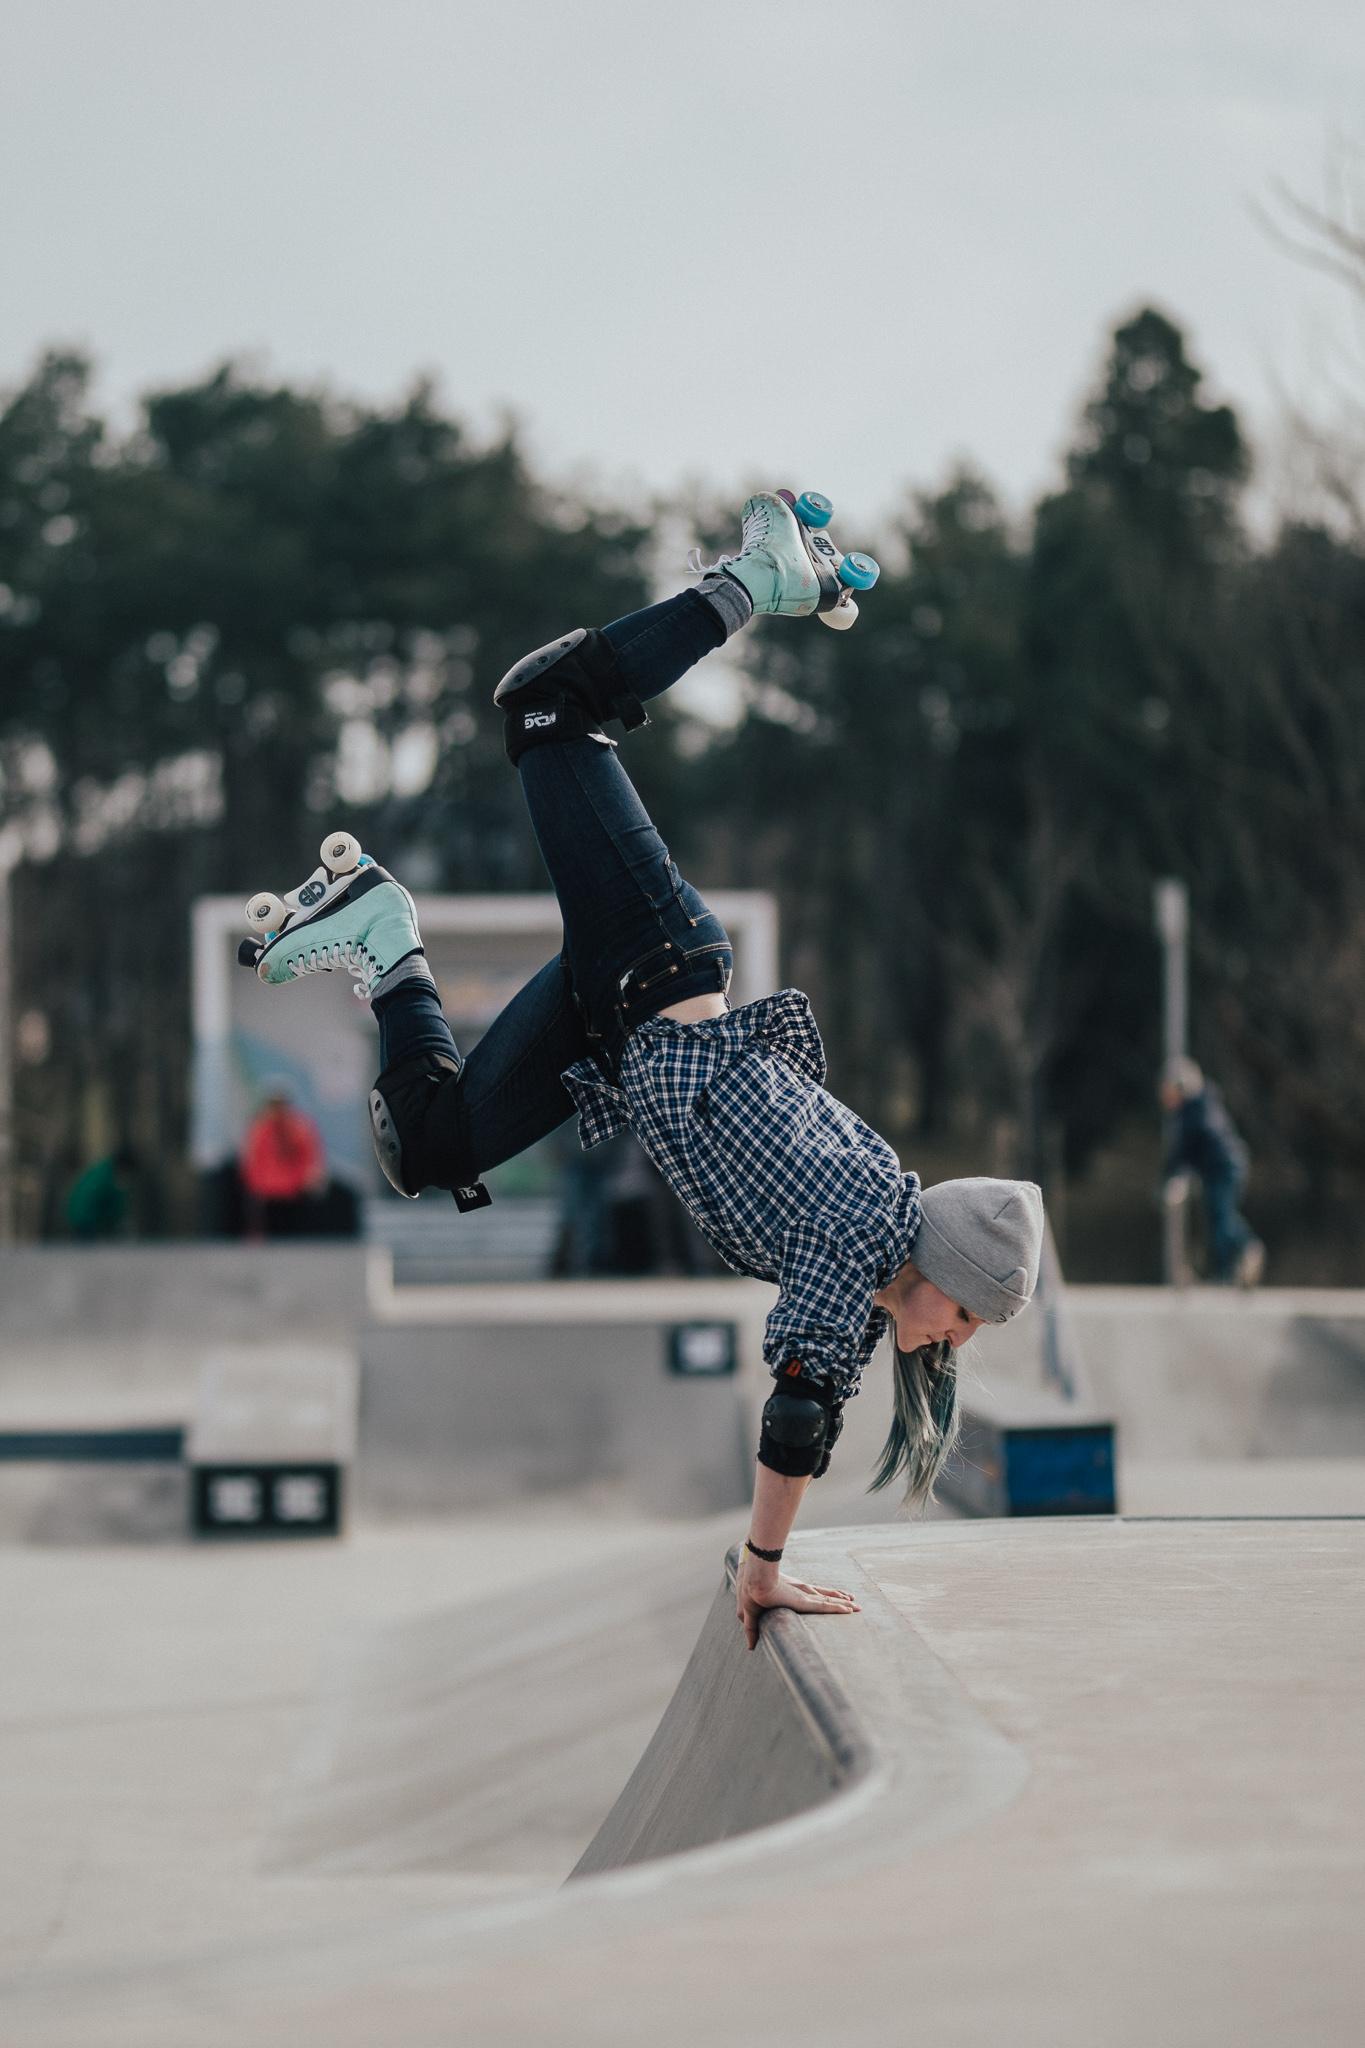 20180219_photo_ksaversinkar_skateparkNG_veronika-IMG_2309.jpg